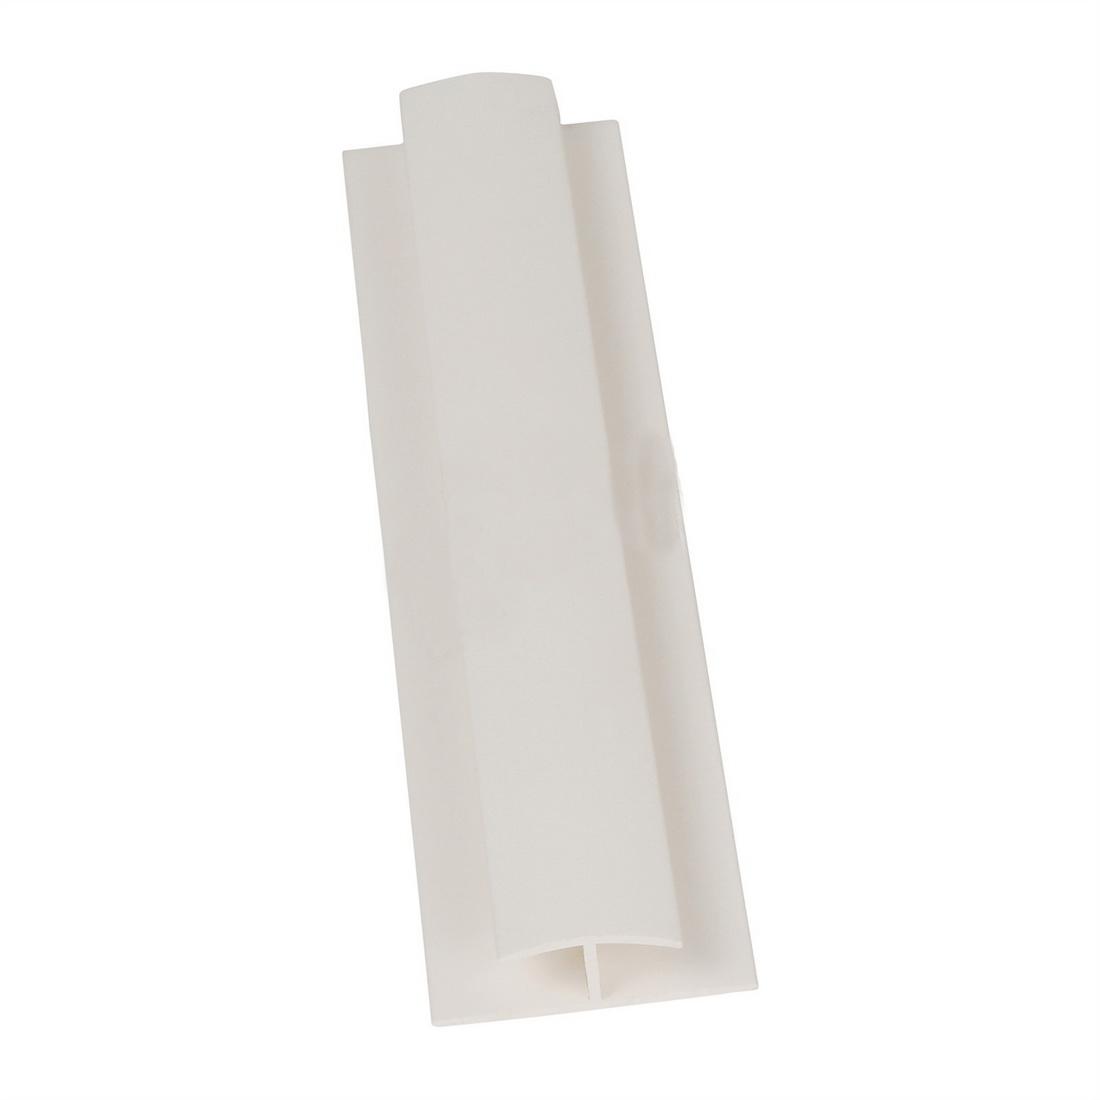 HardieJointer PVC Jointer 6mm 3000mm